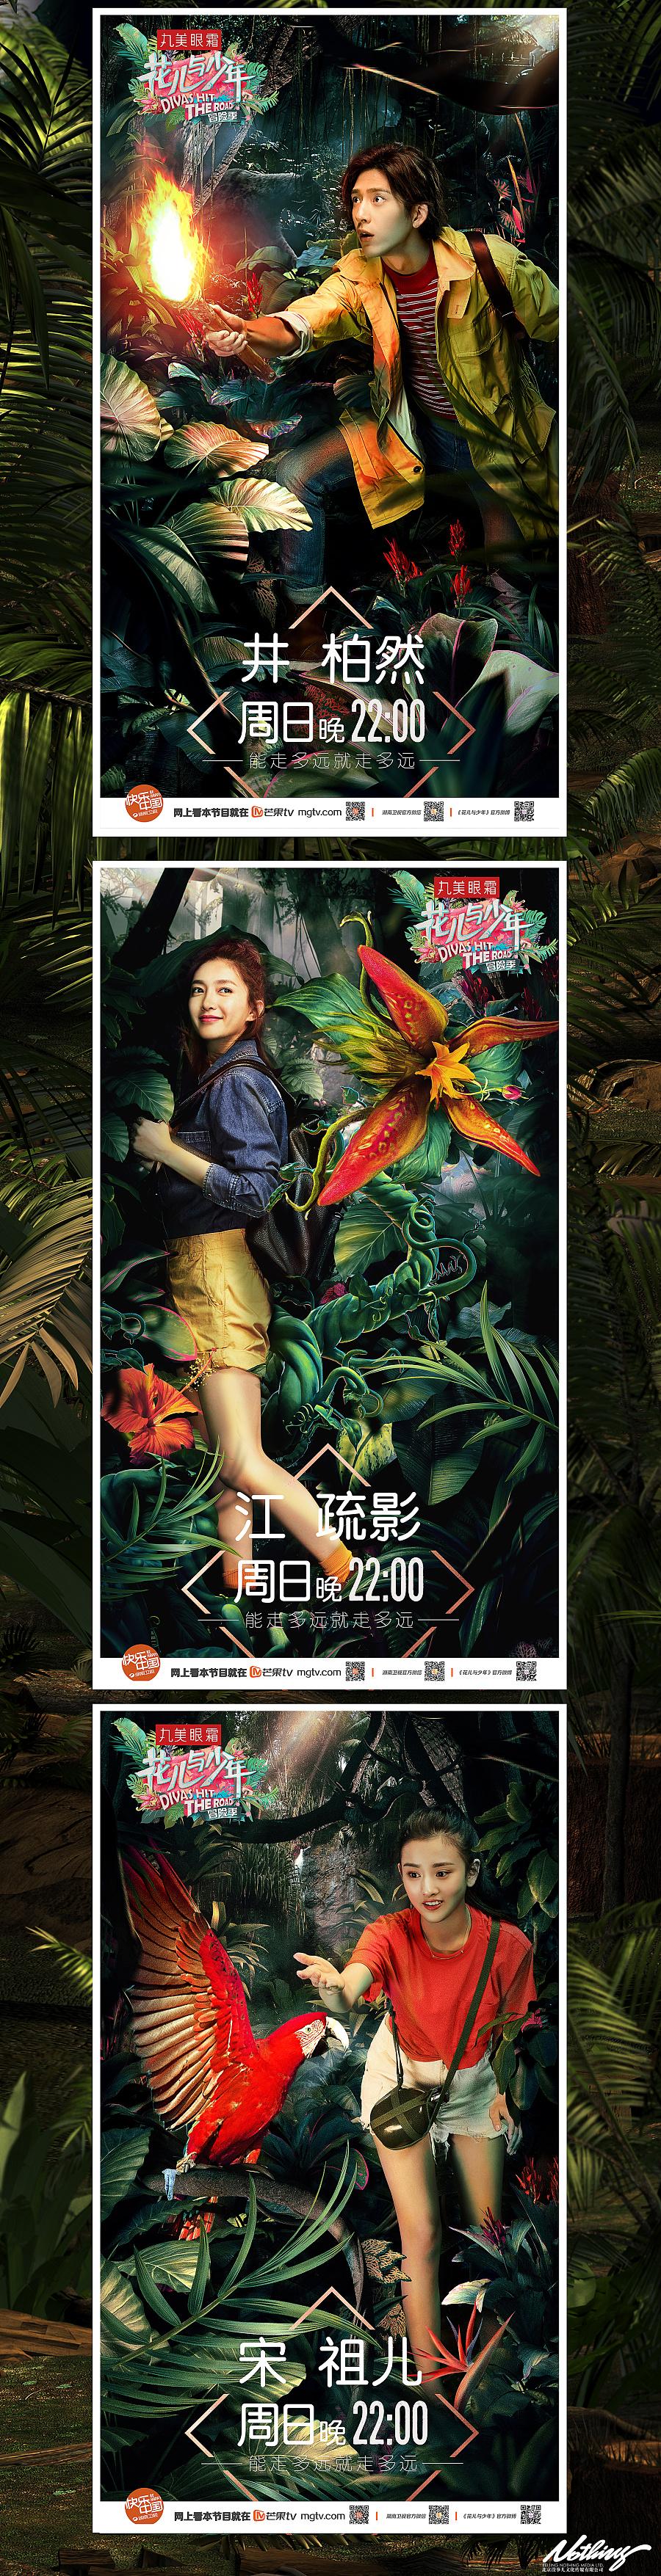 查看《[Nothing]-<花儿与少年3·冒险季>海报设计包装》原图,原图尺寸:1920x7488